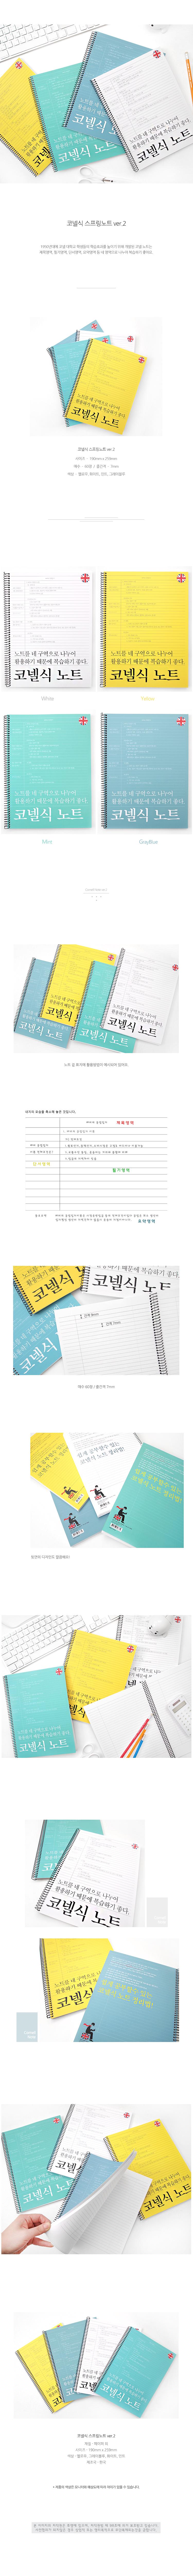 코넬식 스프링노트 ver.2 - 투영, 2,000원, 스프링노트, 유선노트